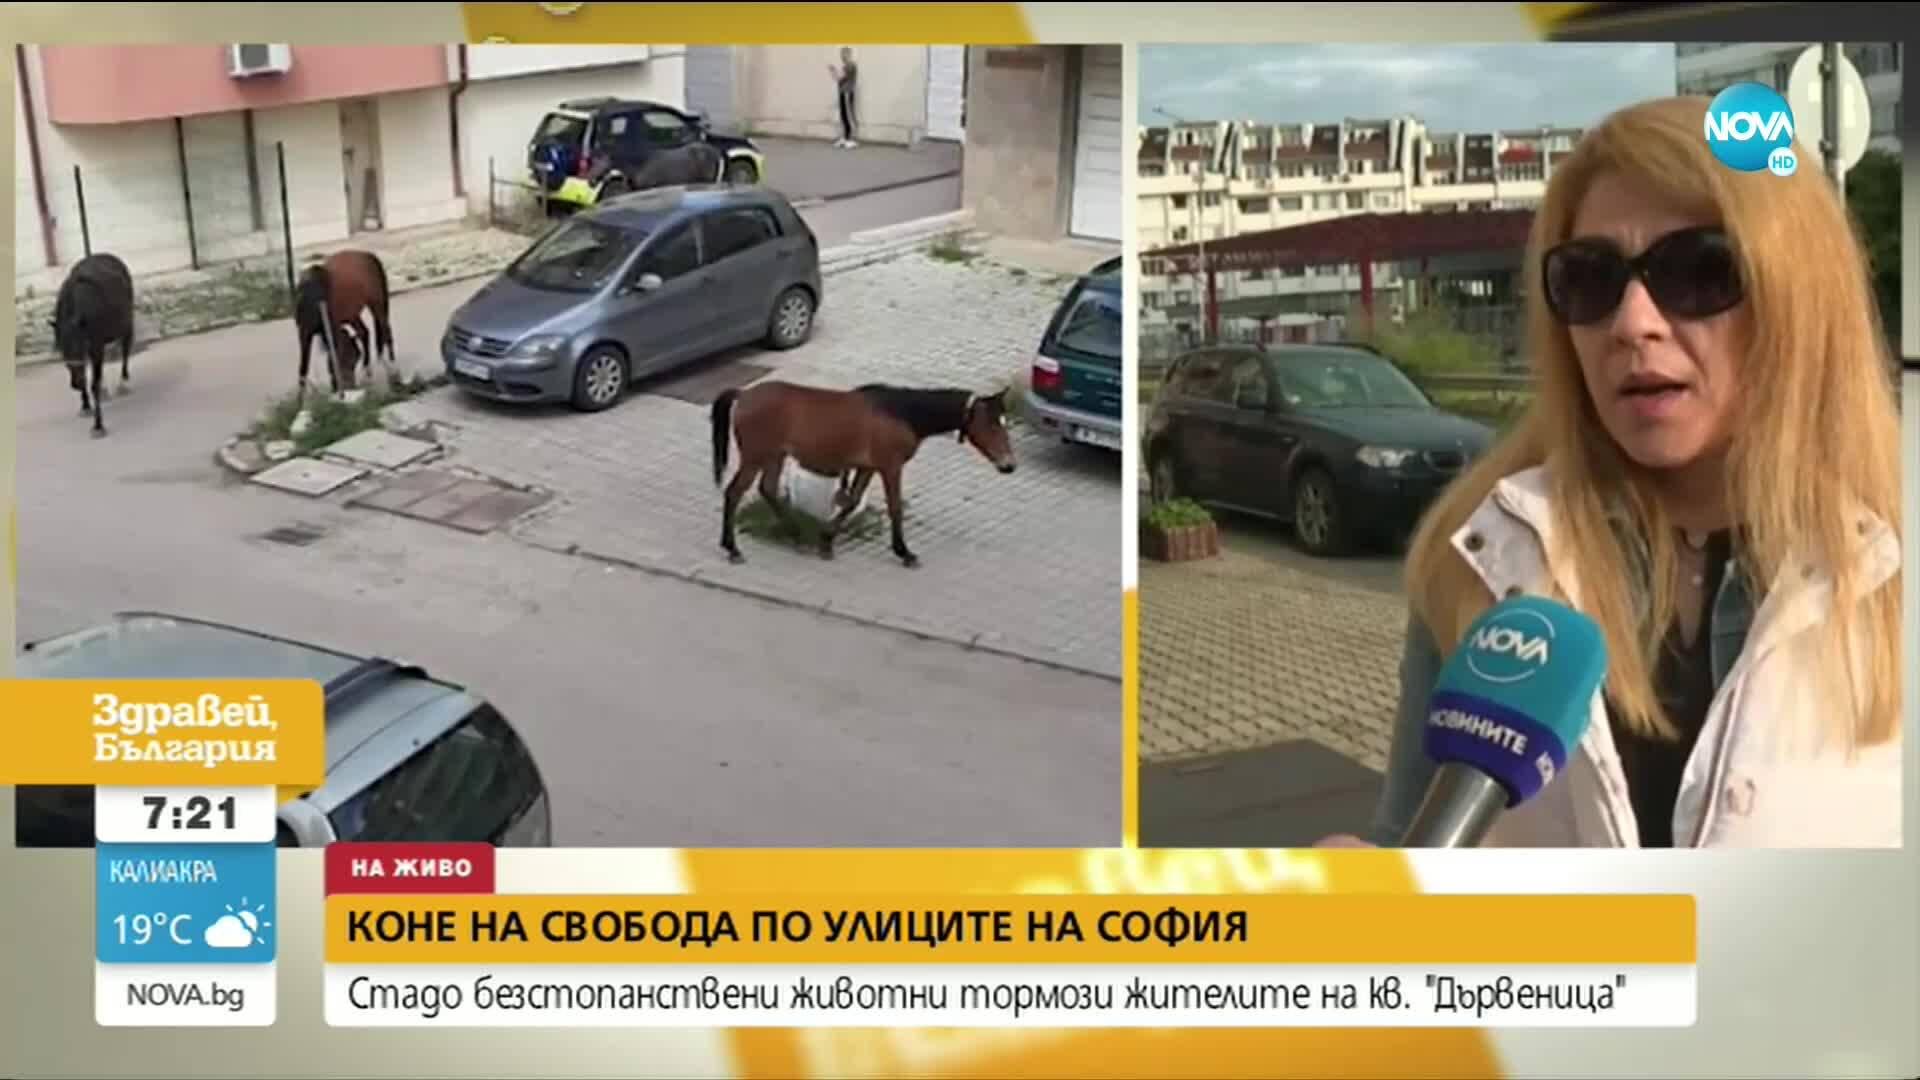 """""""Пълен абсурд"""": Стадо безстопанствени коне тормози жителите на кв. """"Дървеница"""""""